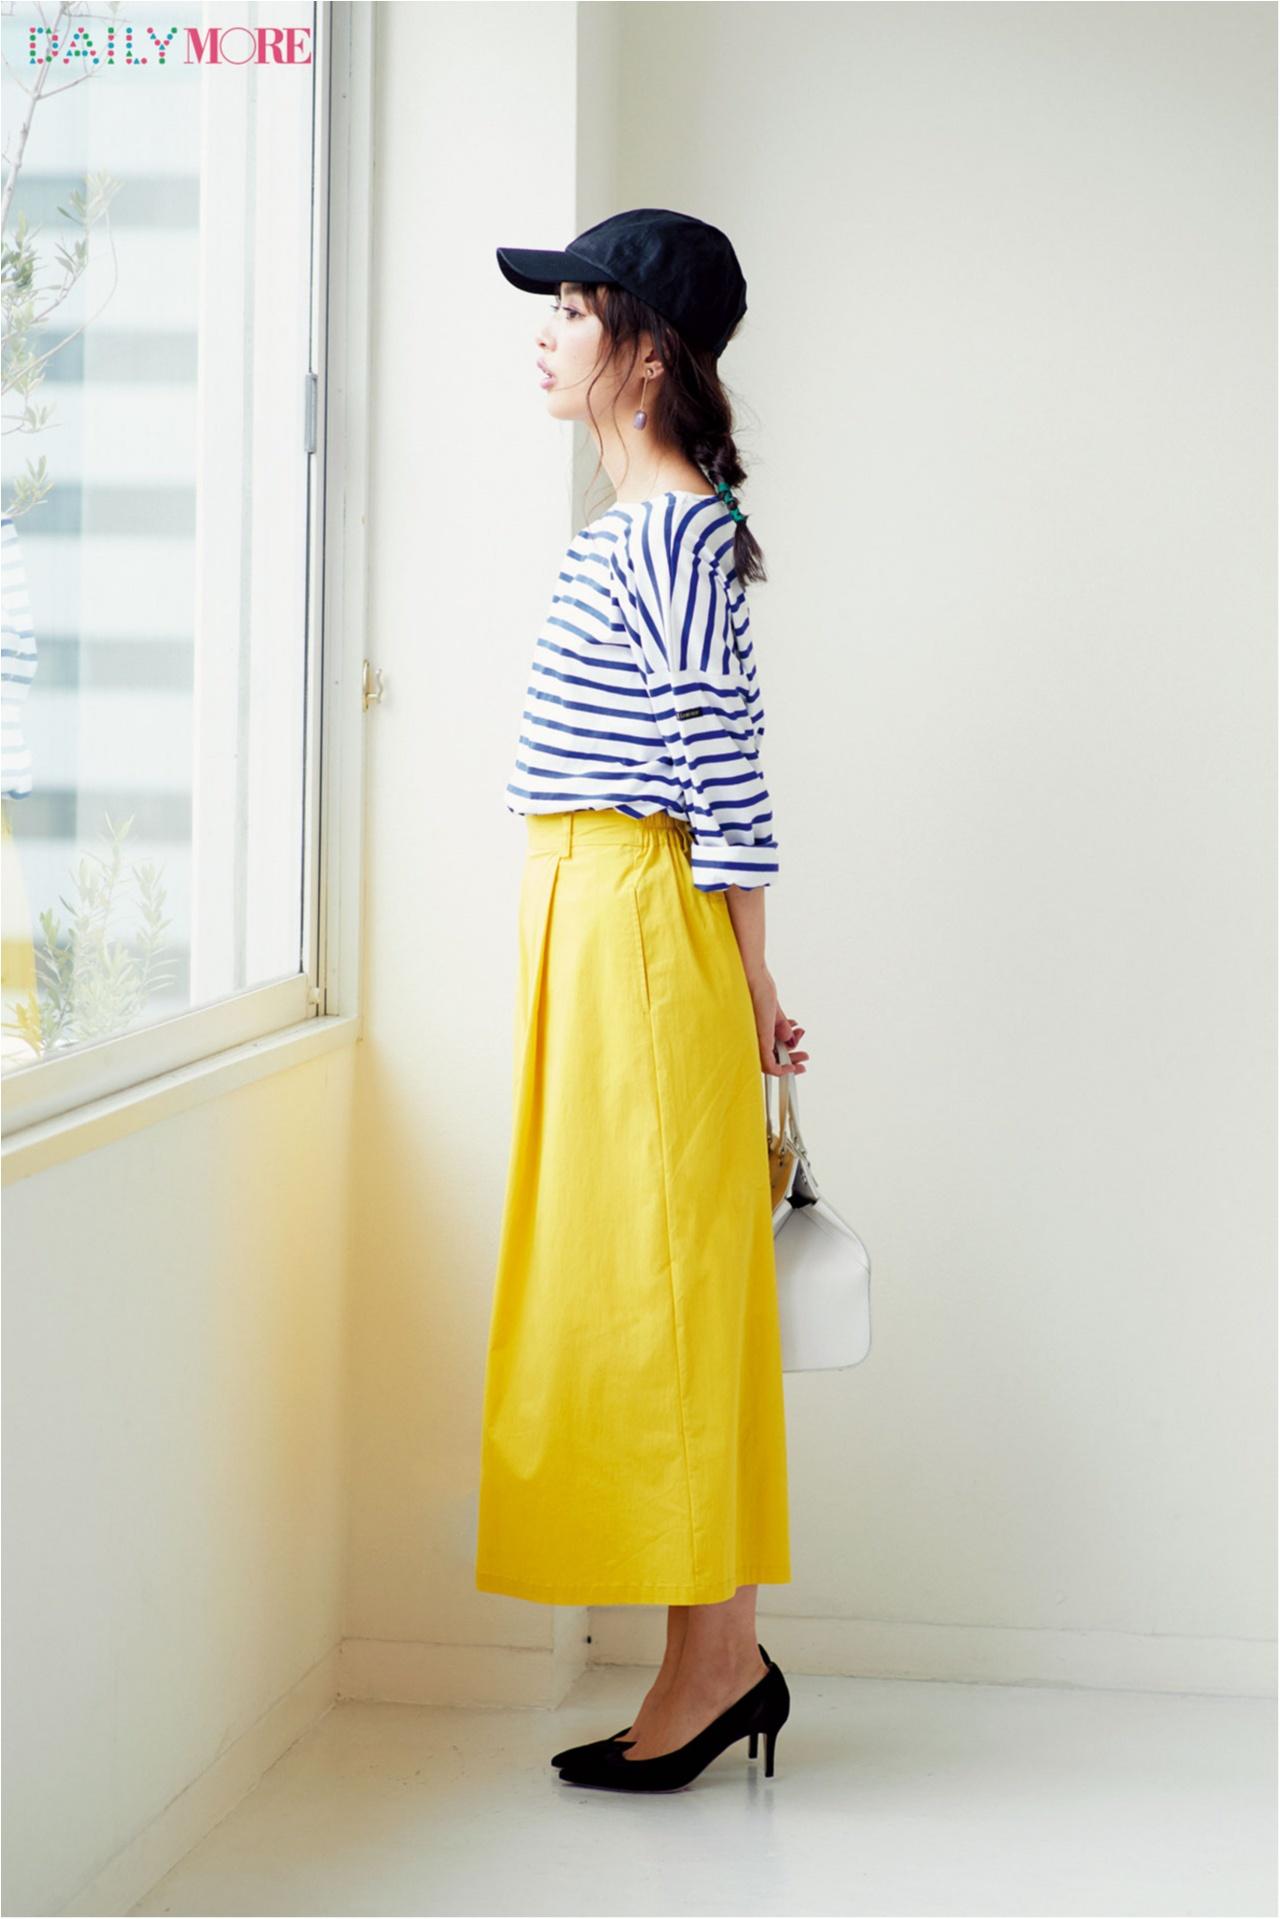 """【公式通販GET MORE!ですぐ買える】超人気ブランドで、この夏""""本当に売れている""""ベストヒット服だけ集めました!_3"""